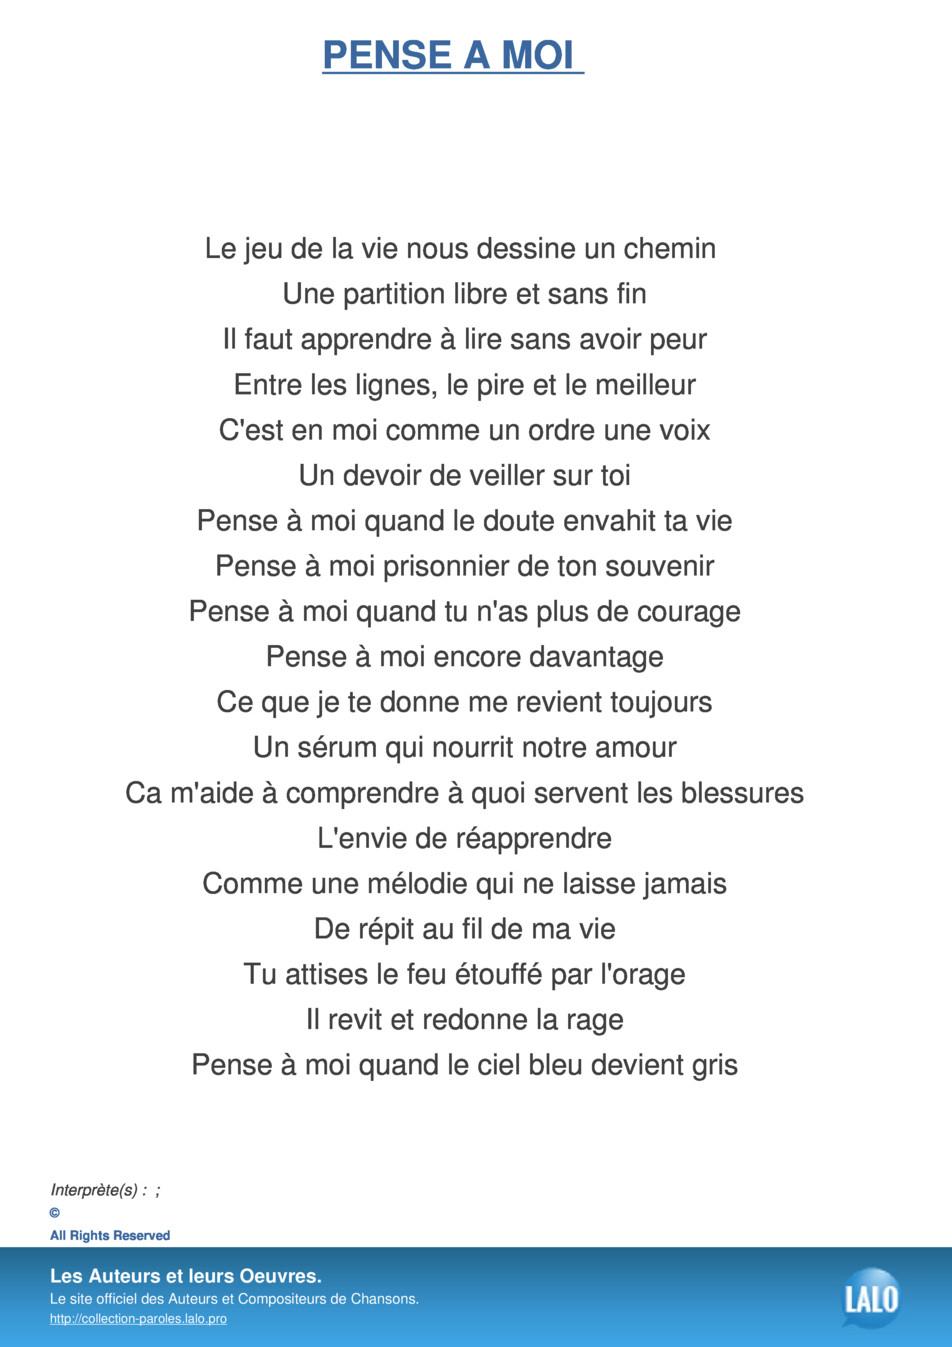 Paroles Et Musique De Pense A Moi - Lalo.pro destiné Chanson Pense À Moi